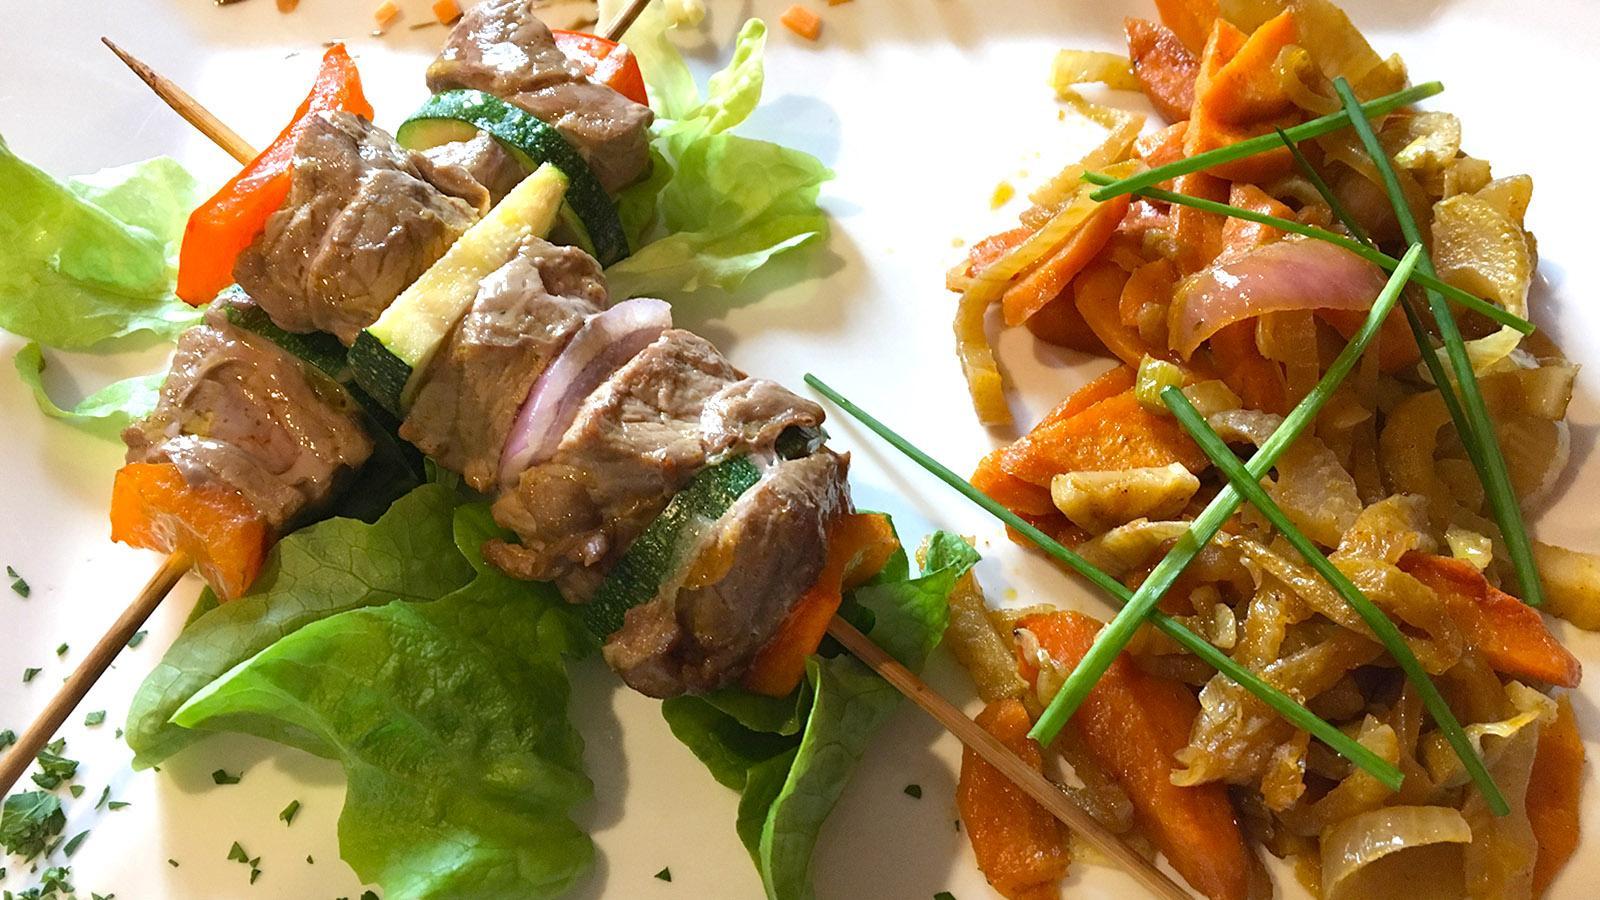 Frisch, lecker und gesund: die Bavette mit Provence-Gemüse im Jardin des Lilas von Gréoux. Foto: Hilke Maunder